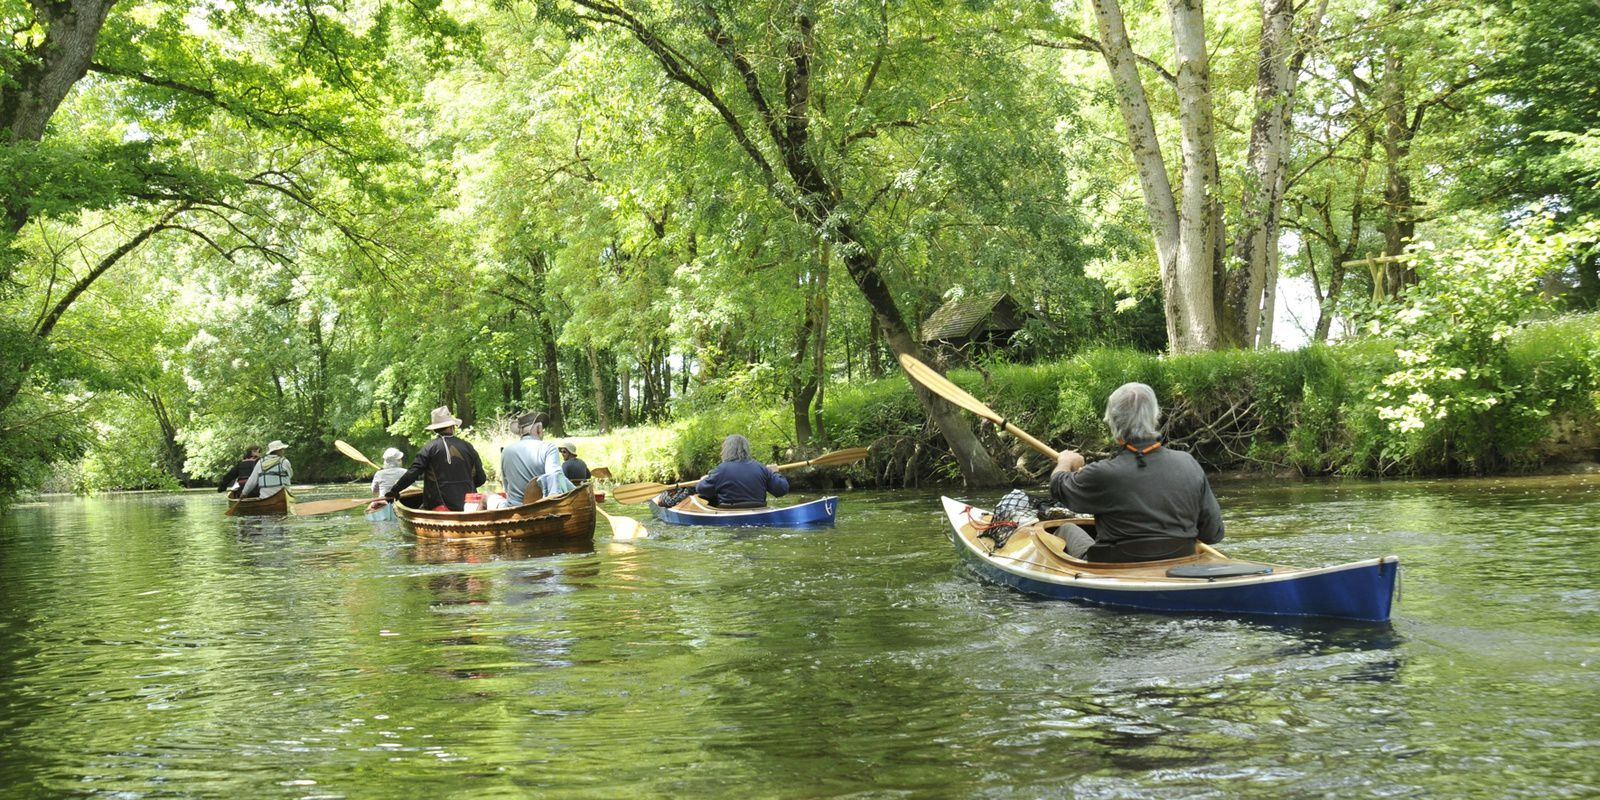 le Don, en kayak et canoë bois, de Treffieux à Marsac, les 13 et 14 mai